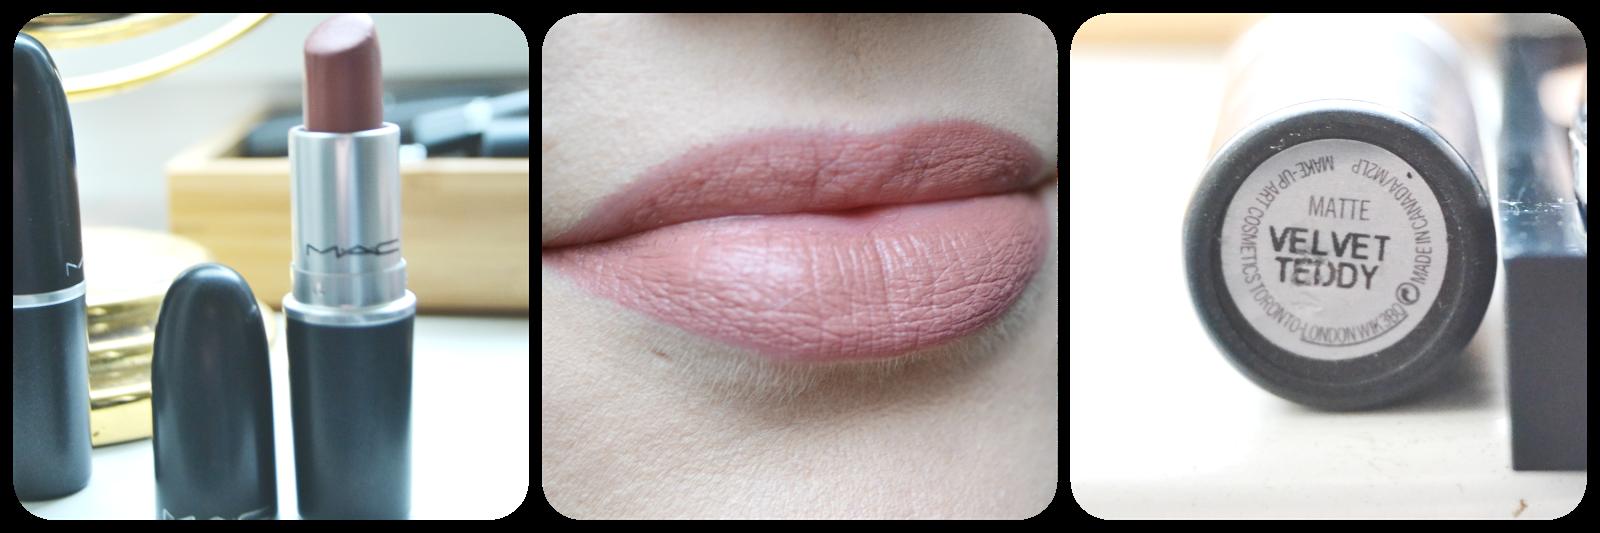 Mac Cosmetics Lipstick, Lippenstift, Velvet Teddy, Swatch, Swatches, Tragebild, Lipswatch,